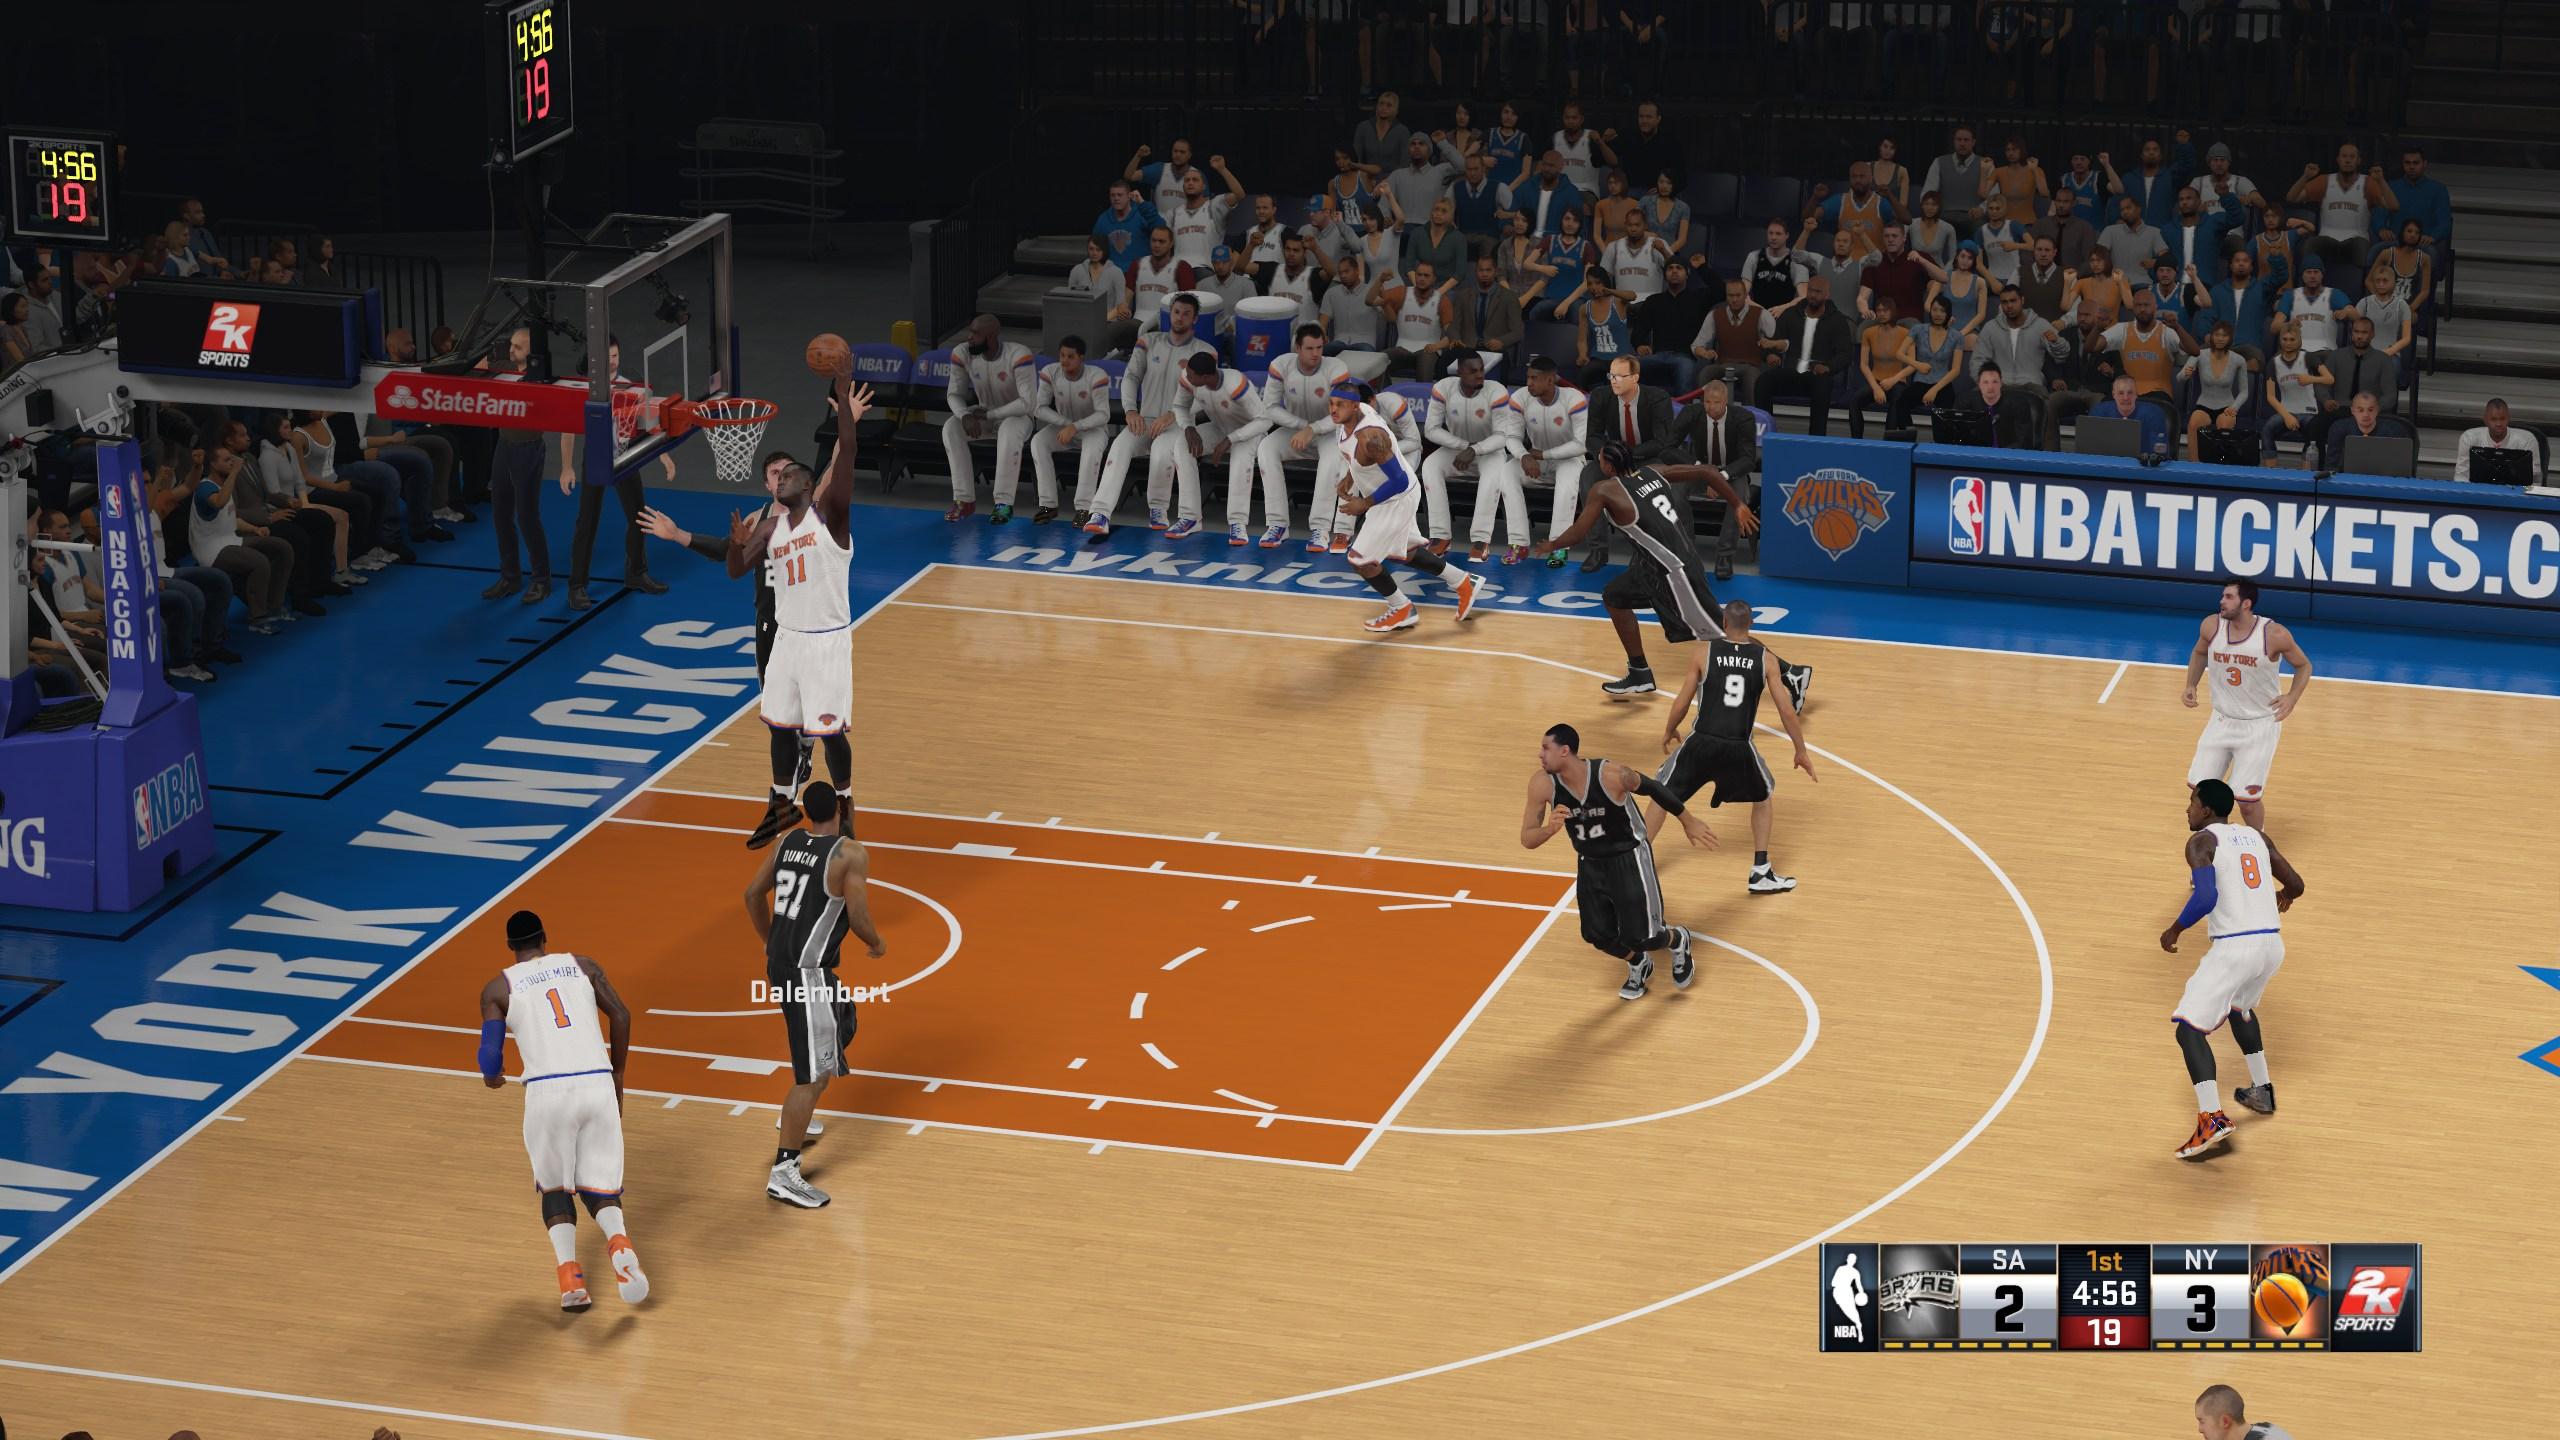 NBA 2K15 - NBA 2K15 2K